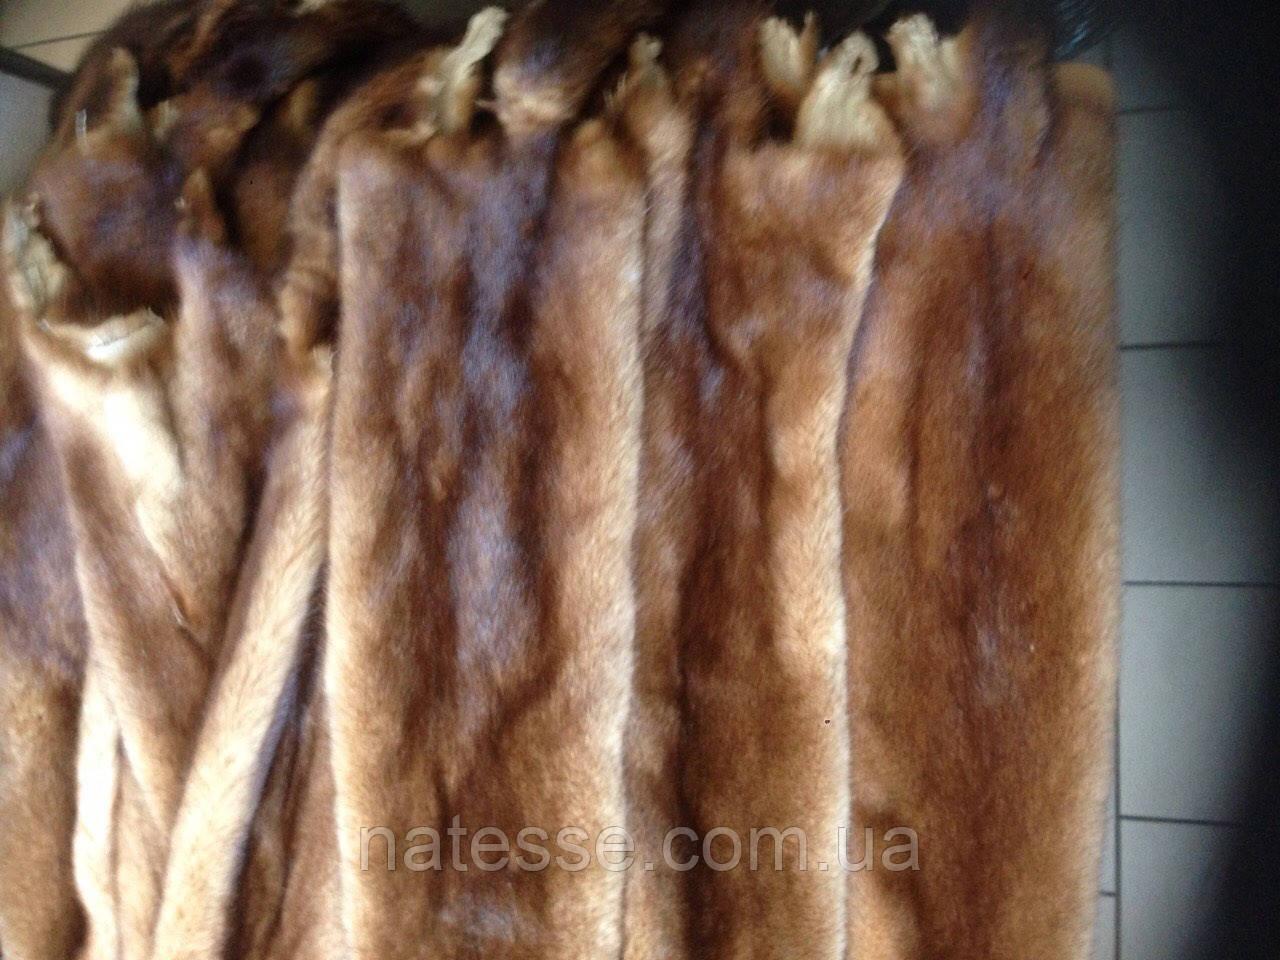 Шкури хутро норка кольору золото датська, самці 70-75 см